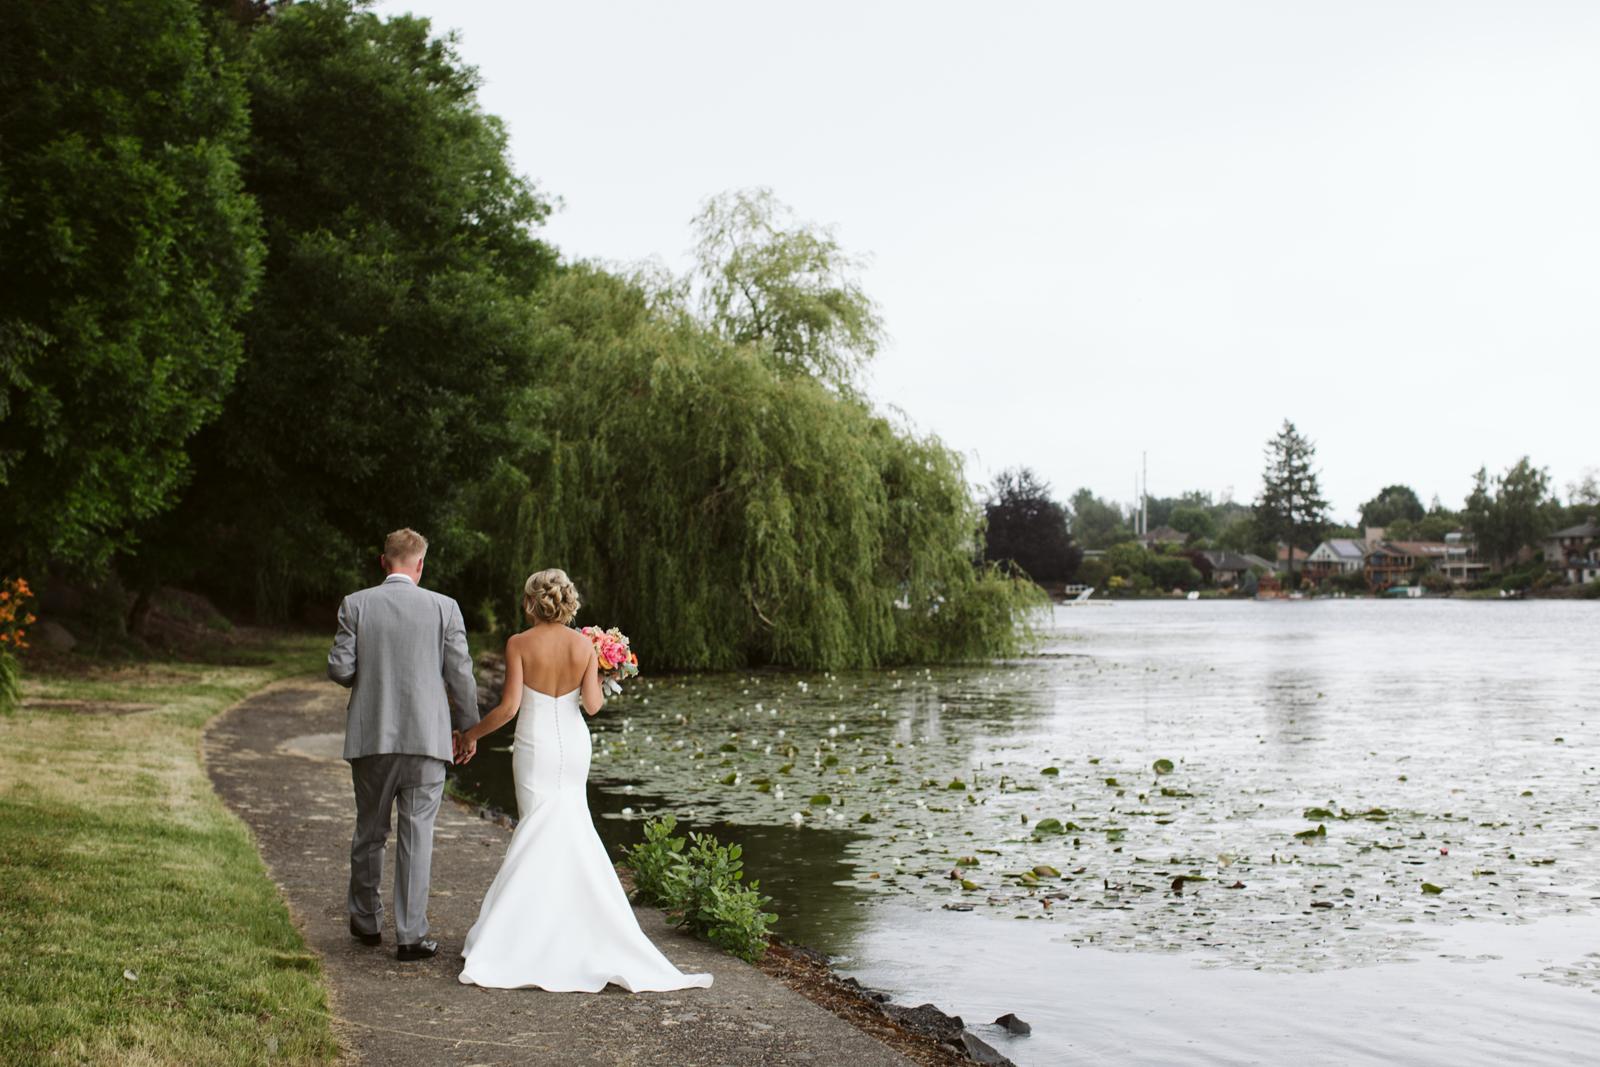 109-daronjackson-gabby-alec-wedding.jpg